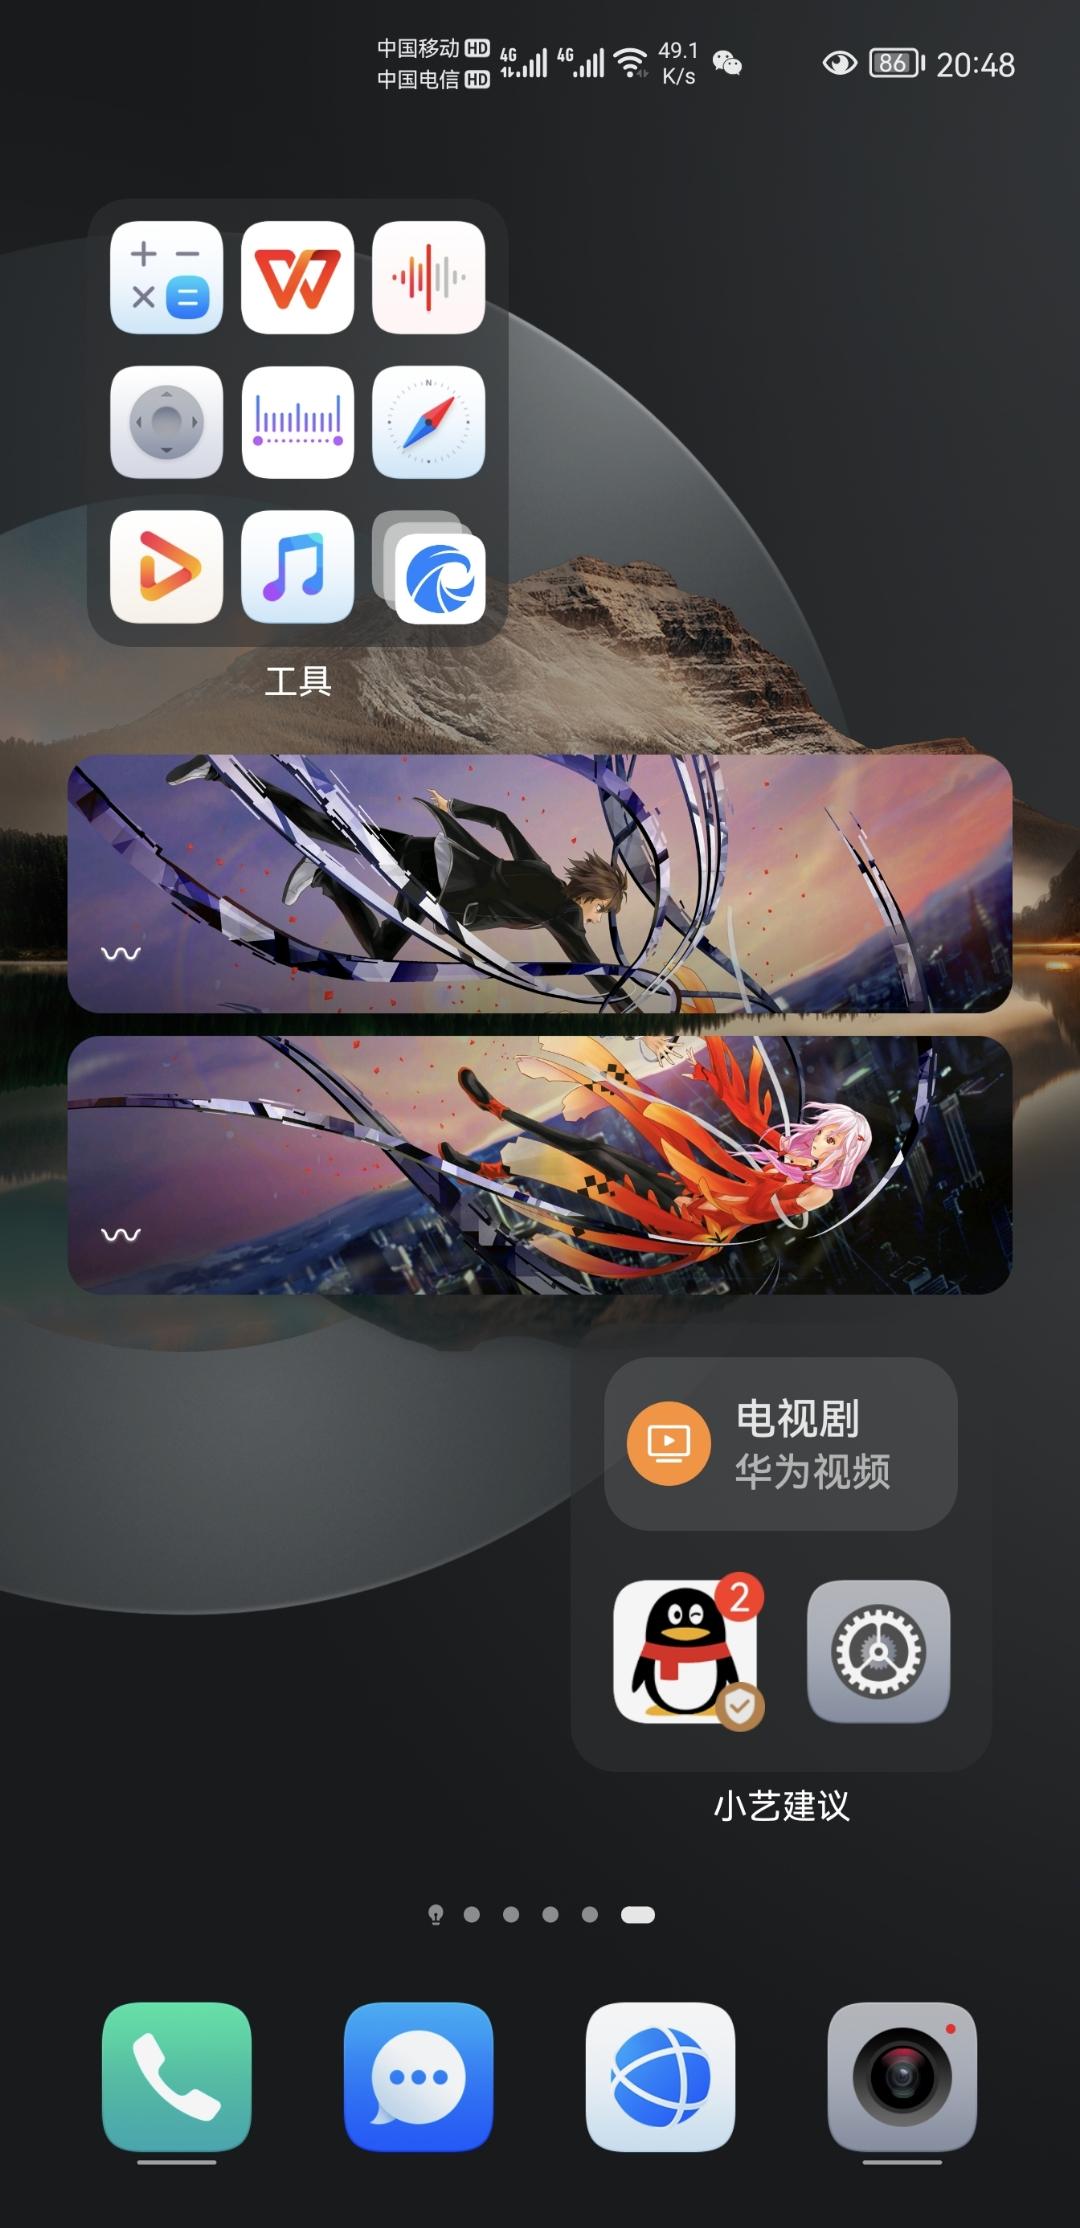 Screenshot_20210723_204806_com.huawei.android.launcher.jpg